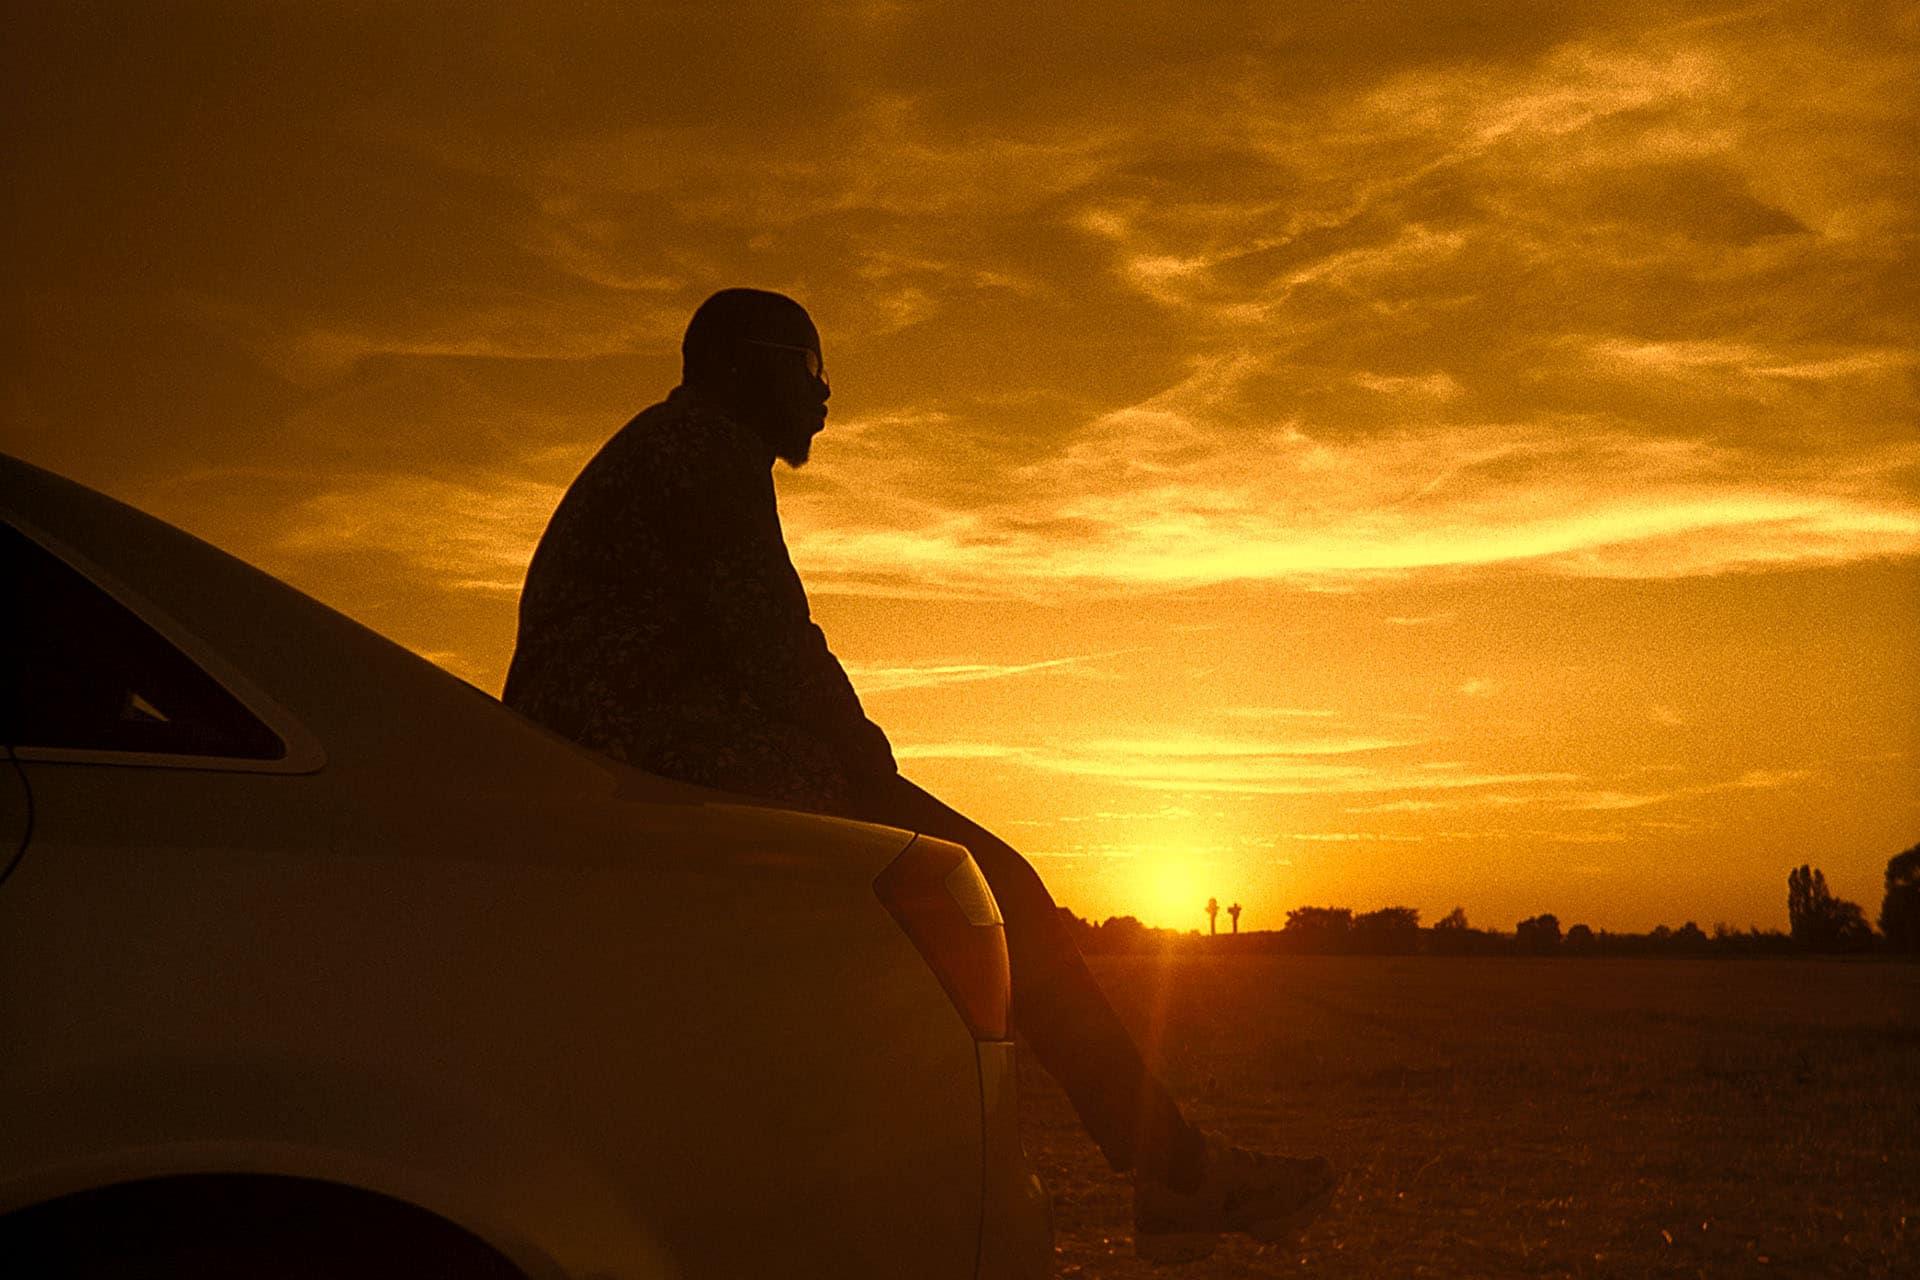 homme voiture coucher de soleil